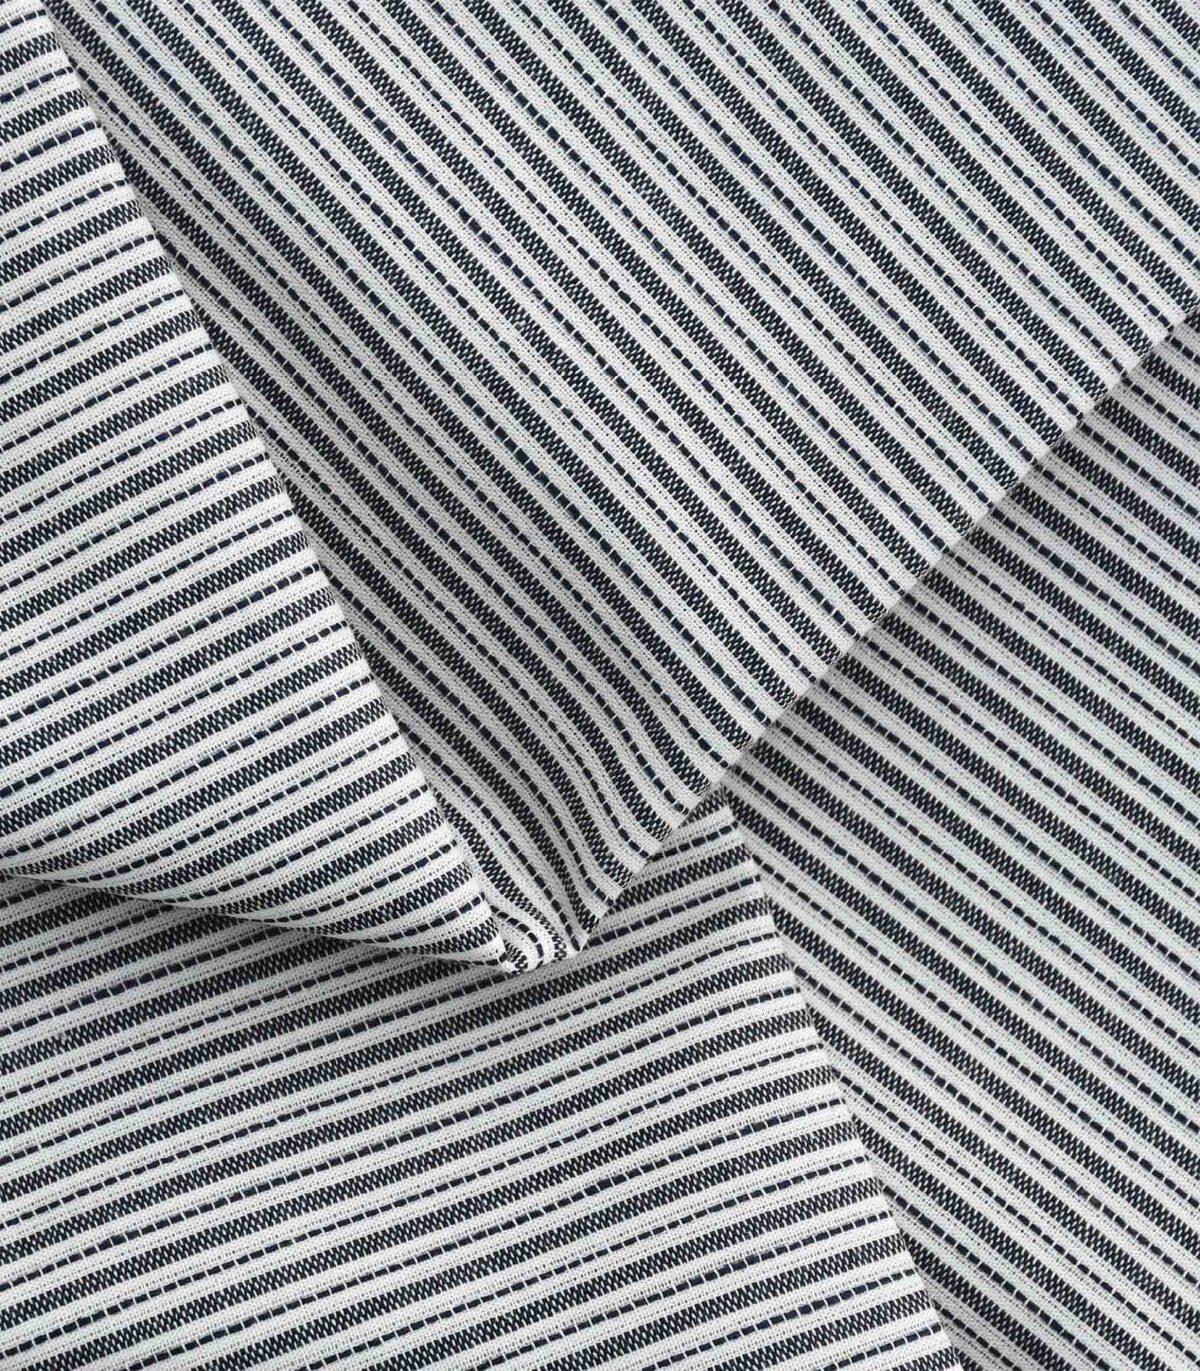 B&W Yarn Dyed Stripe Fabric